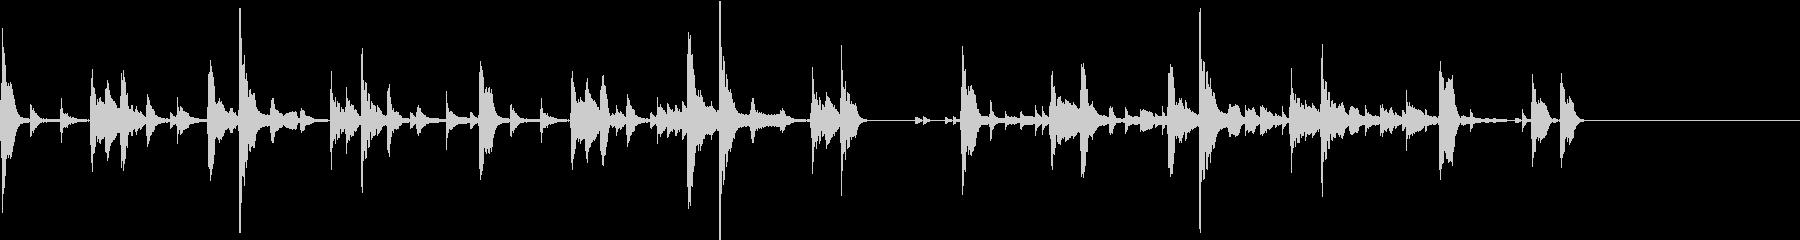 ほのぼのとしたゲームのオープニング音楽 の未再生の波形